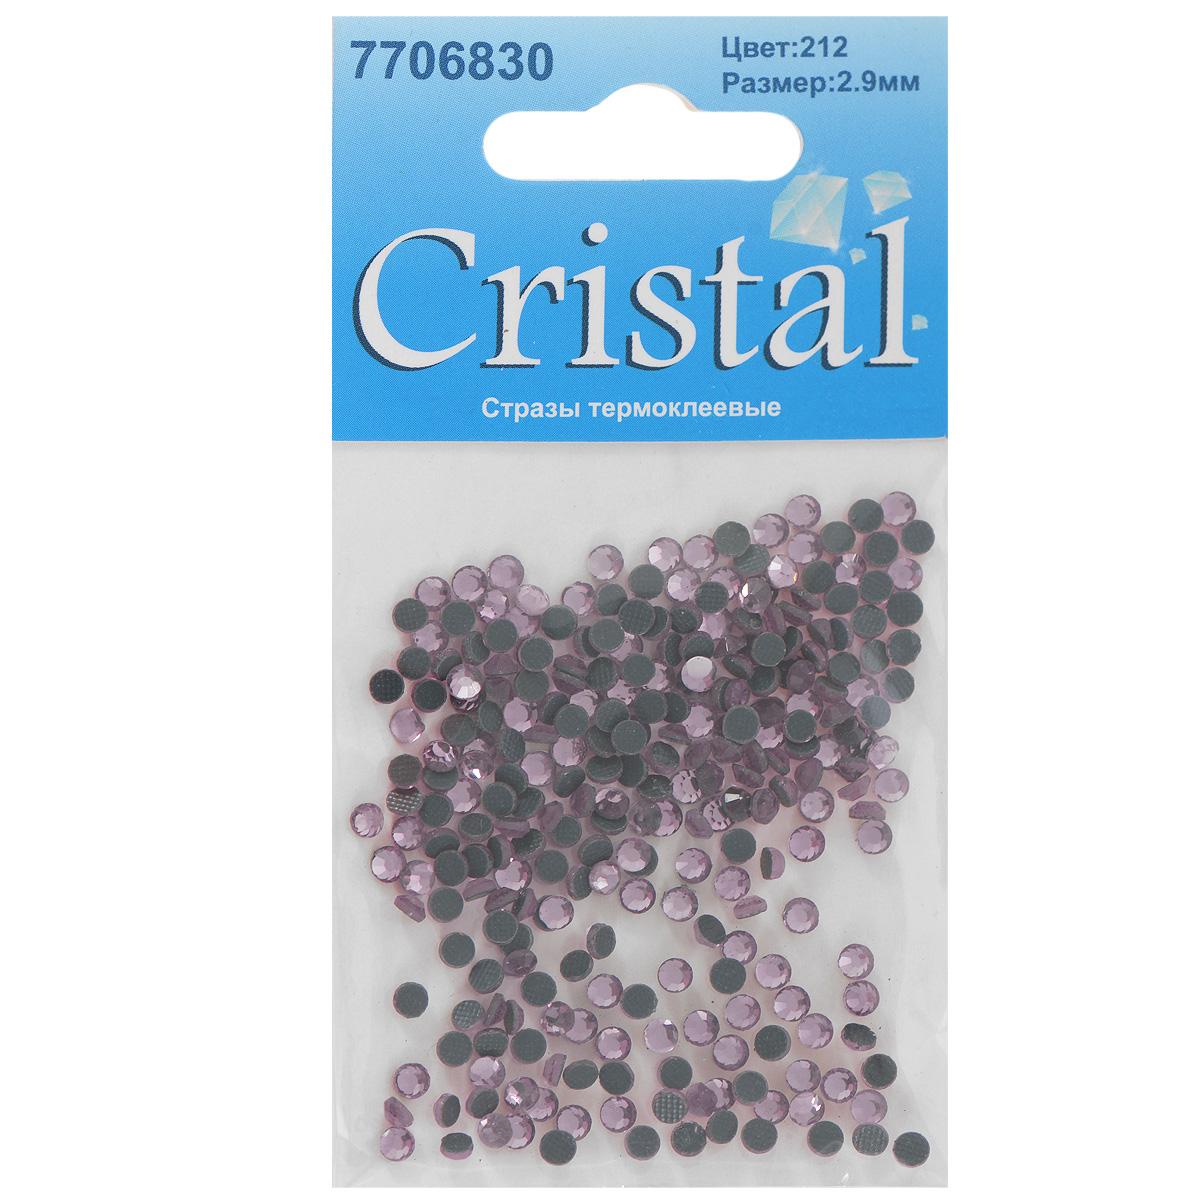 Стразы термоклеевые Cristal, цвет: бледно-розовый (212), диаметр 2,9 мм, 288 шт55052Набор термоклеевых страз Cristal, изготовленный из высококачественного акрила, позволит вам украсить одежду, аксессуары или текстиль. Яркие стразы имеют плоское дно и круглую поверхность с гранями.Дно термоклеевых страз уже обработано особым клеем, который под воздействием высоких температур начинает плавиться, приклеиваясь, таким образом, к требуемой поверхности. Чаще всего их используют в текстильной промышленности: стразы прикладывают к ткани и проглаживают утюгом с обратной стороны. Также можно использовать специальный паяльник. Украшение стразами поможет сделать любую вещь оригинальной и неповторимой. Диаметр страз: 2,9 мм.